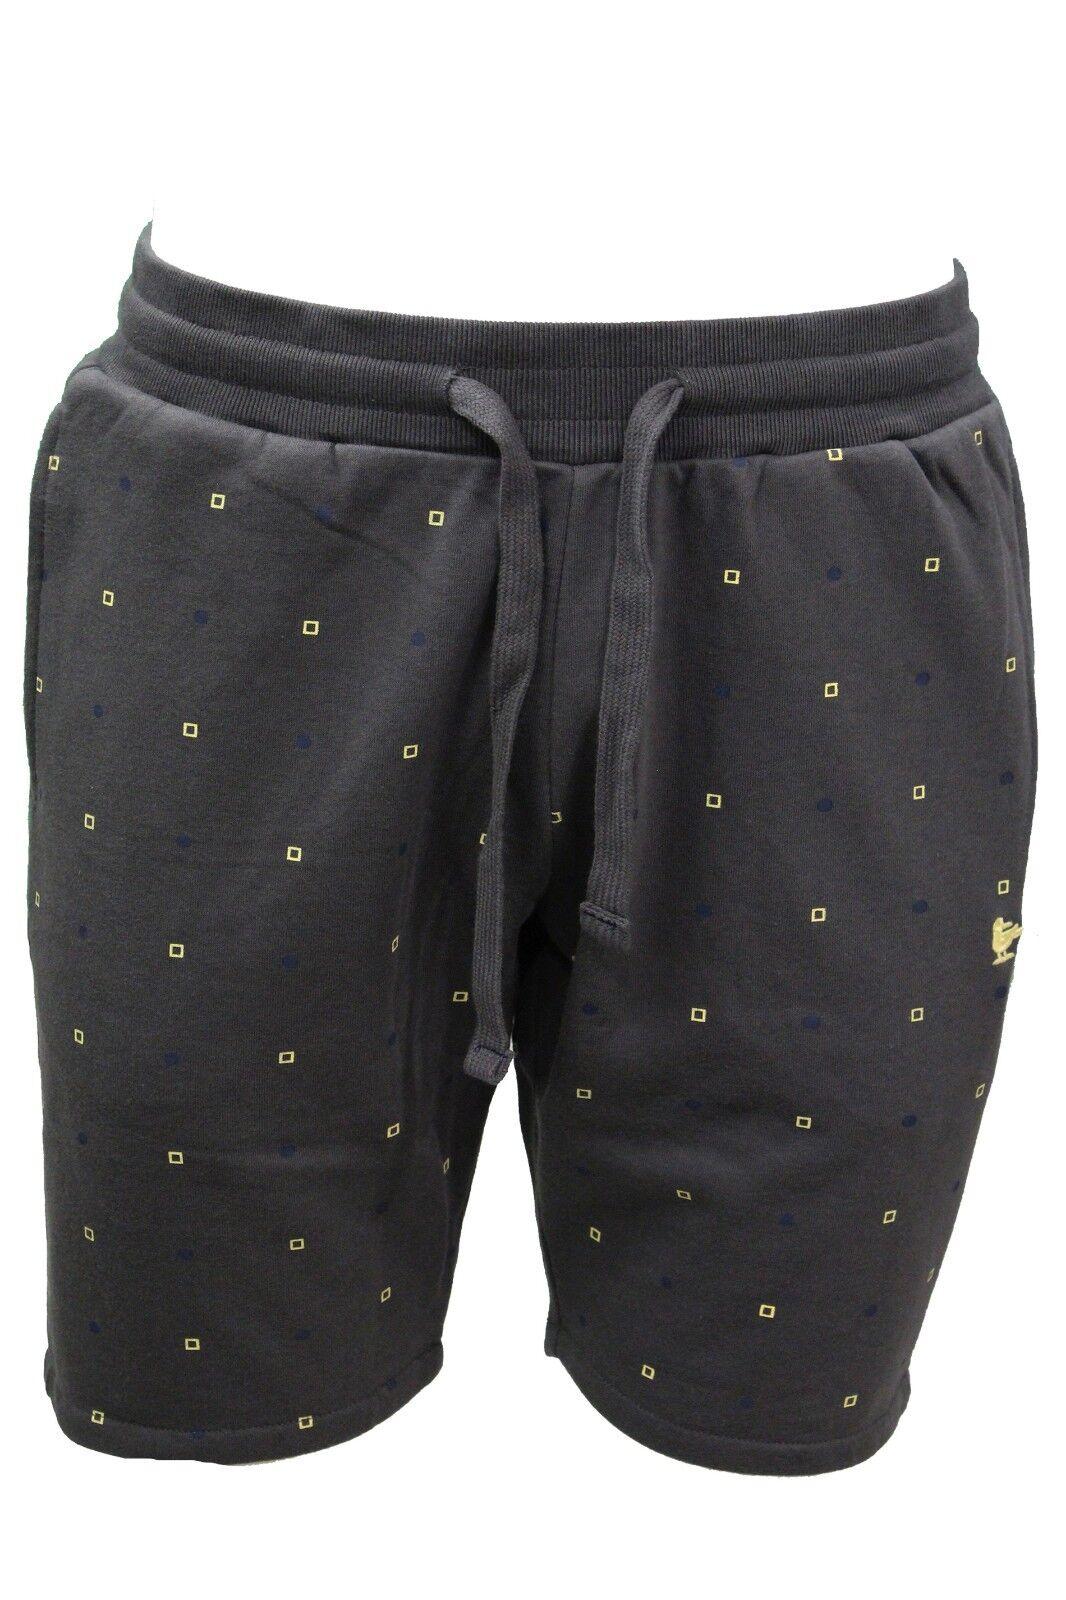 Bermuda tuta tuta tuta da uomo grigio Smithy's short corto casual moda elasticizzato 8e72b4